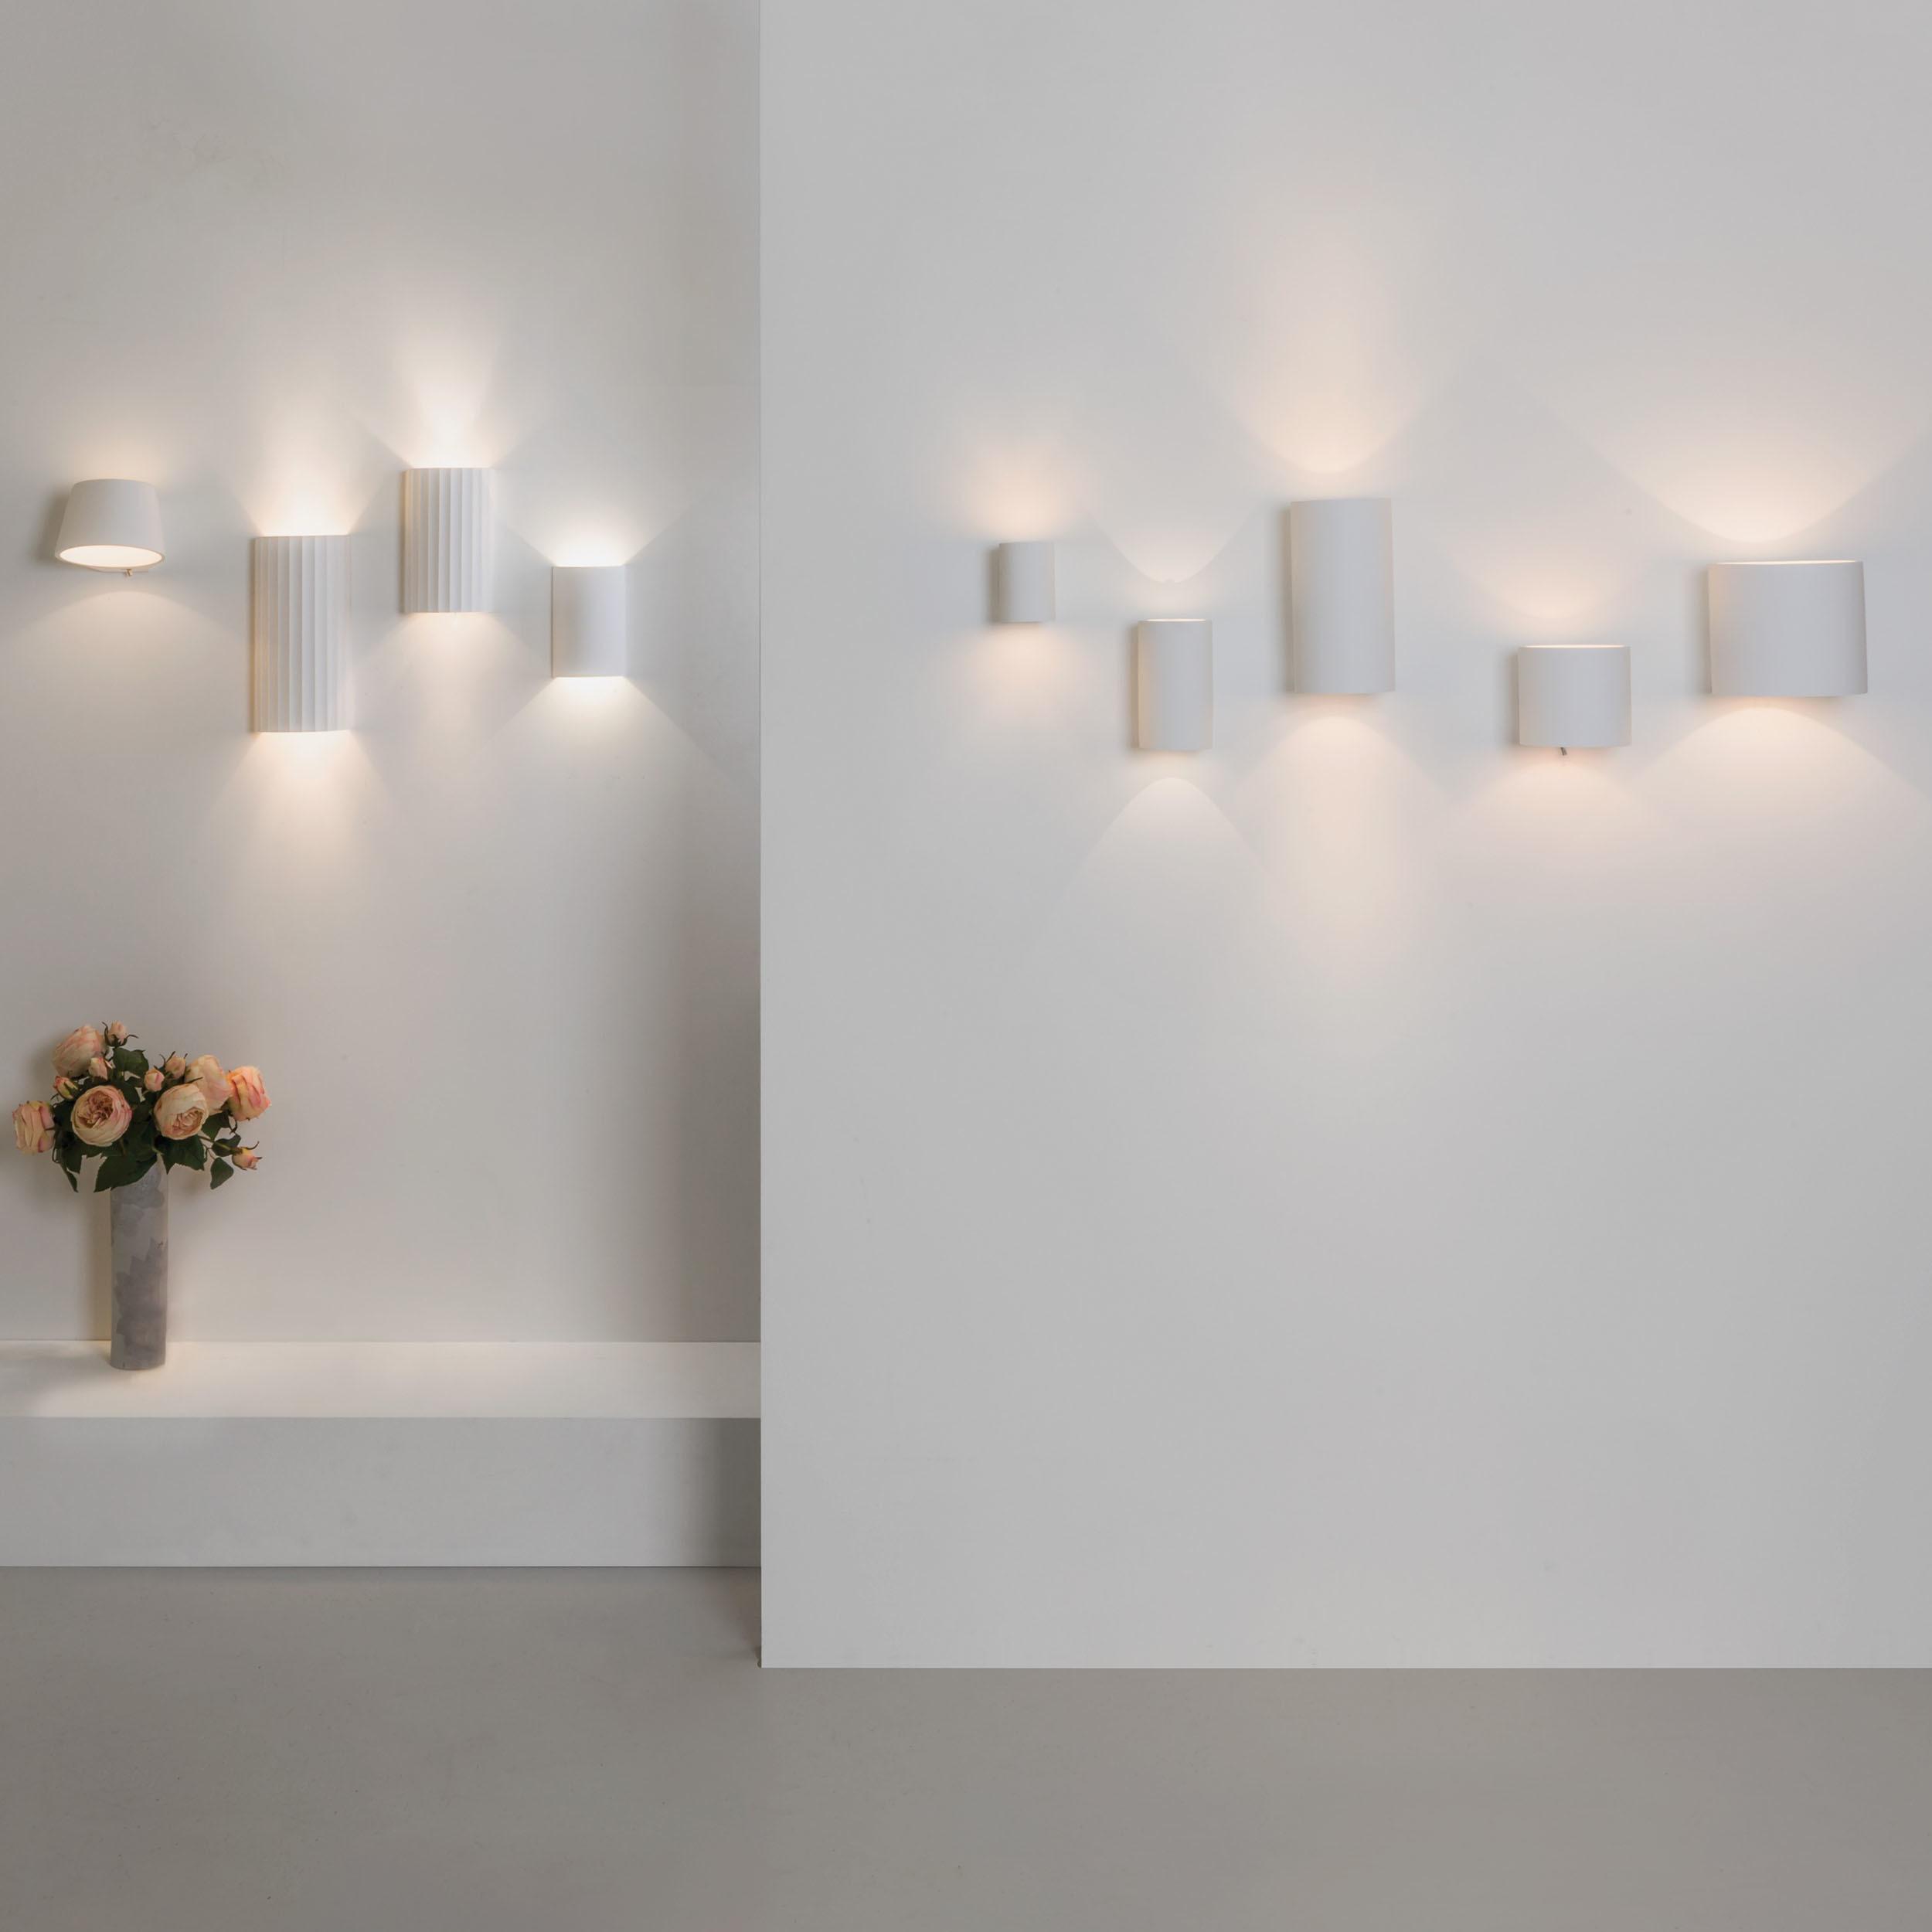 Настенный светильник Astro Brenta 1195001 (916), 1xE14x60W, белый, под покраску, металл, гипс - фото 10